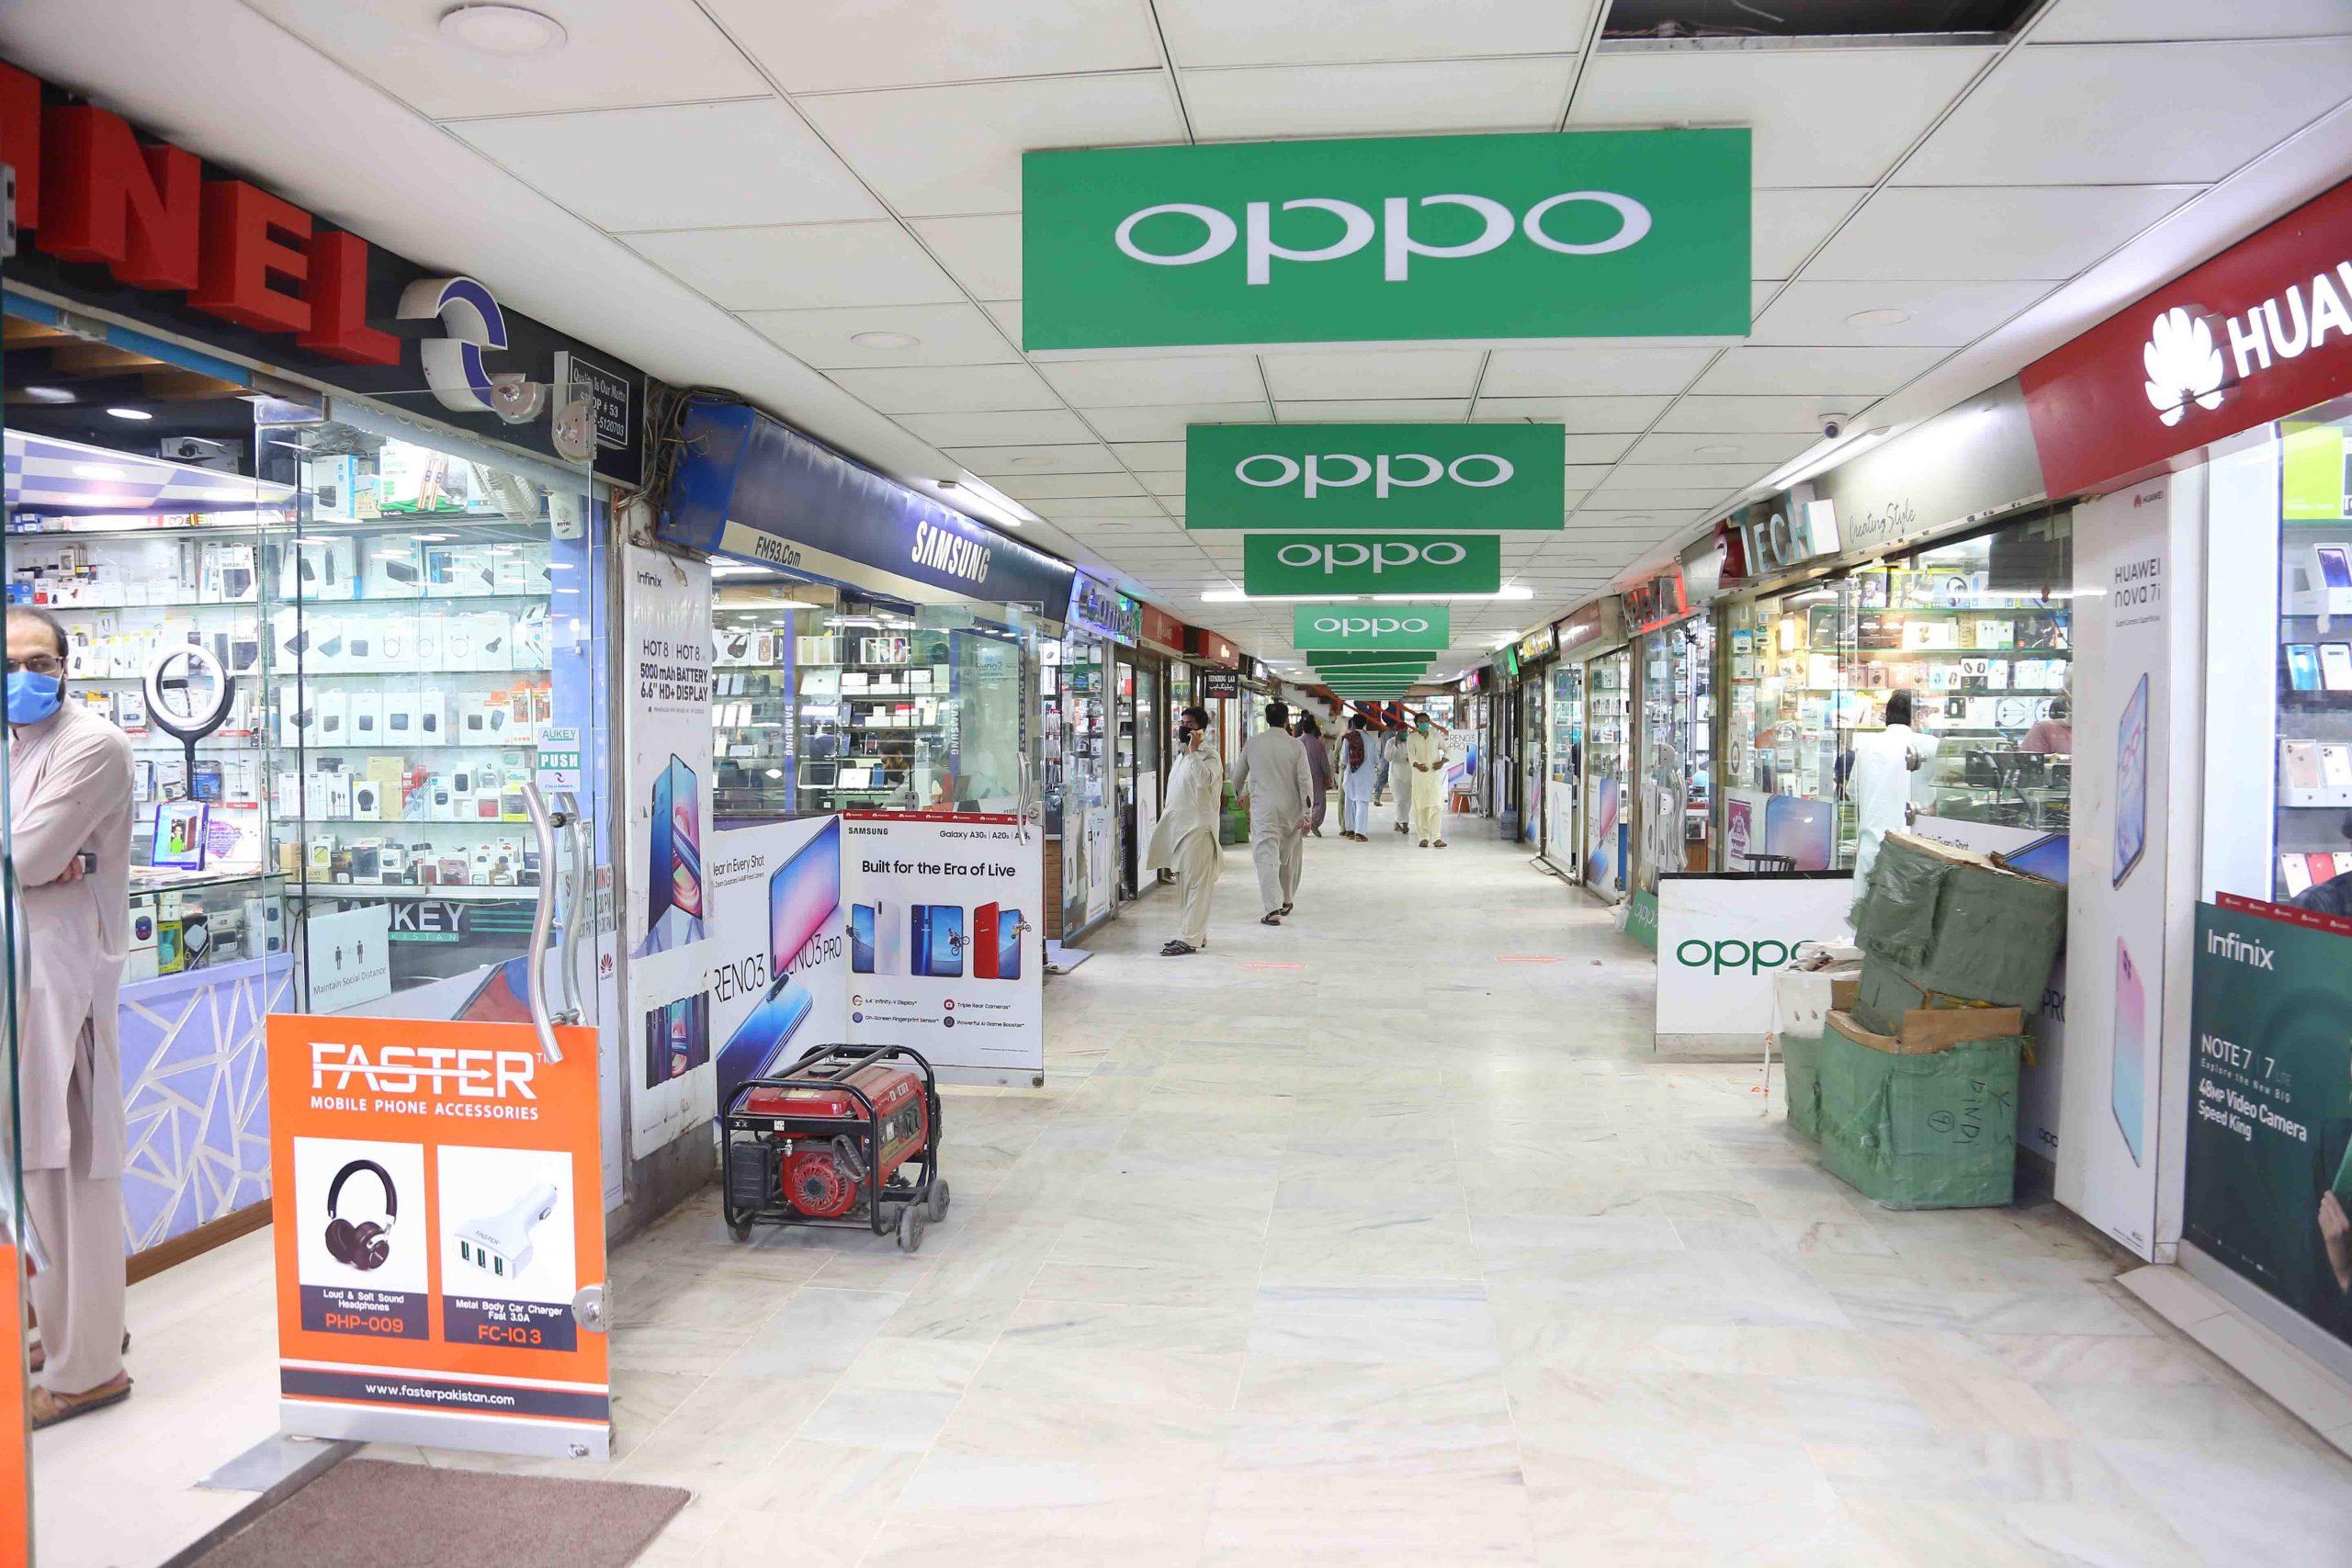 Singapore Plaza Saddar Rawalpindi Interior Views - FAH33M (2) - Q-L0-BO